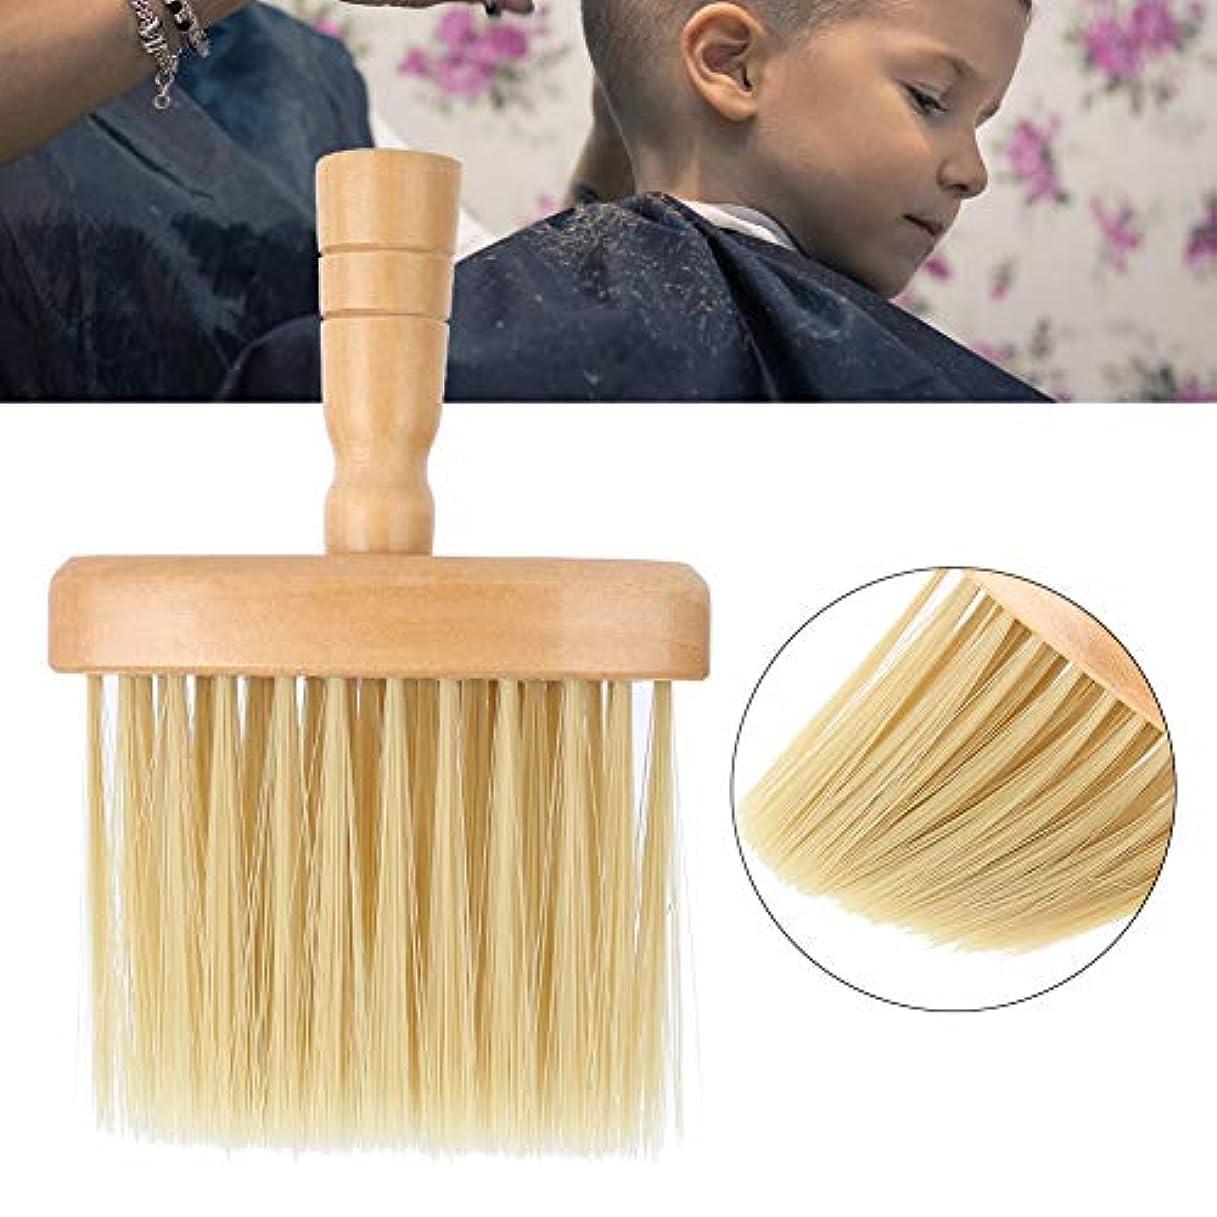 備品シーサイド受付ネックフェイスダスターブラシ サロンヘアクリーニング 木製 スイープブラシヘアカット 理髪ツール